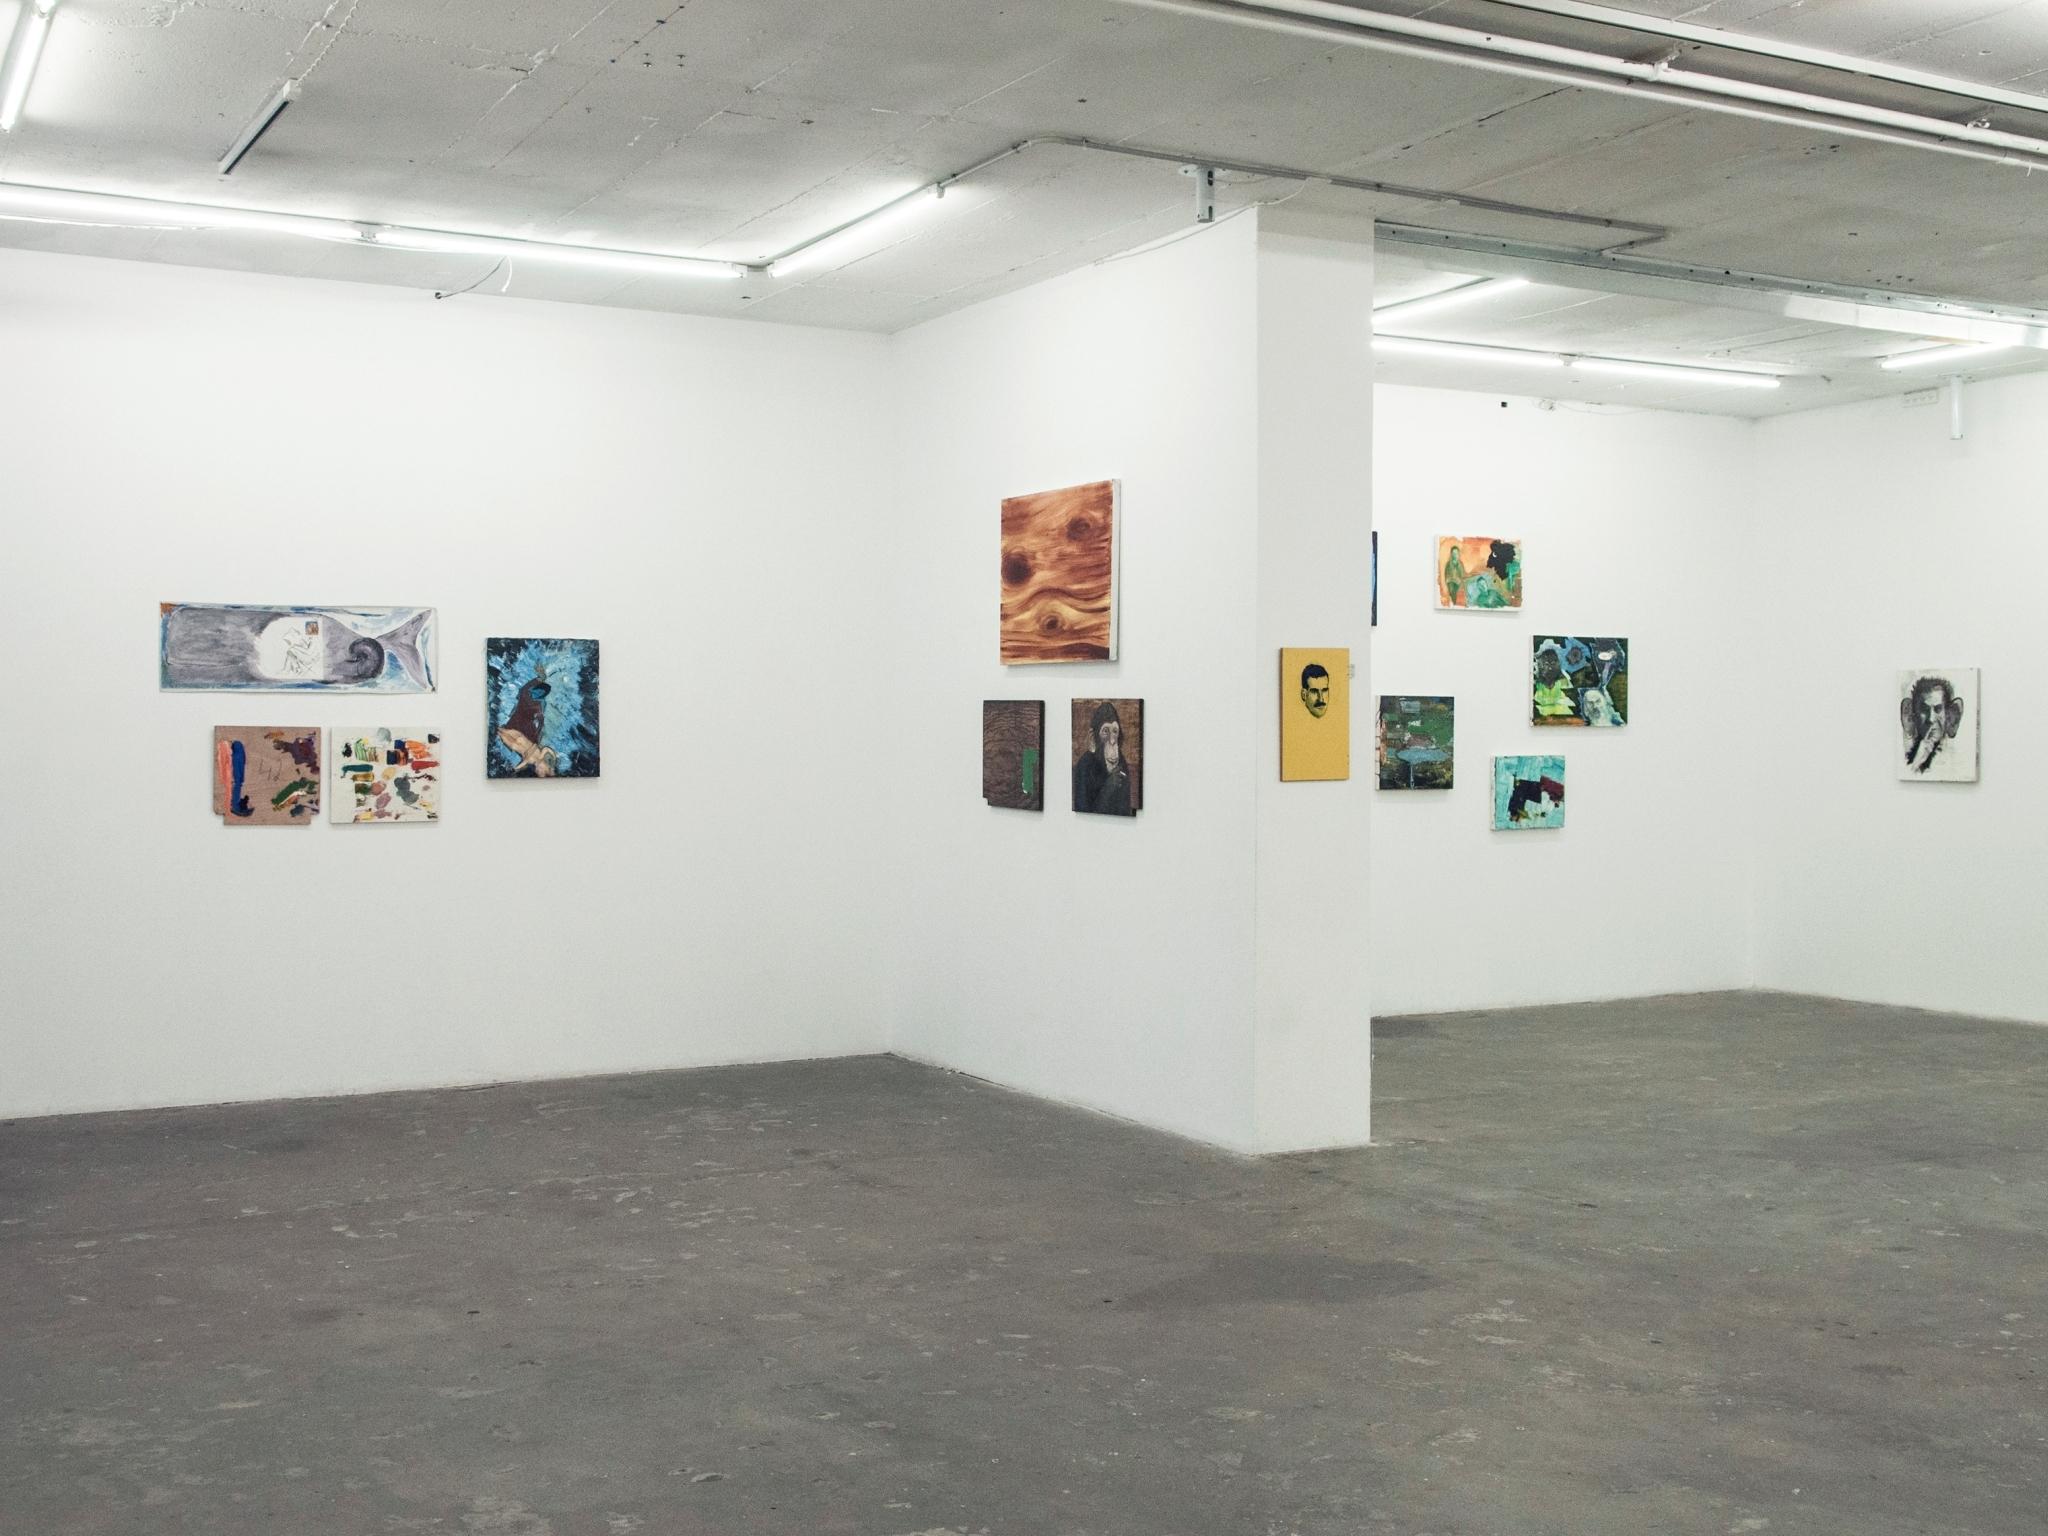 Rosenfeld Gallery